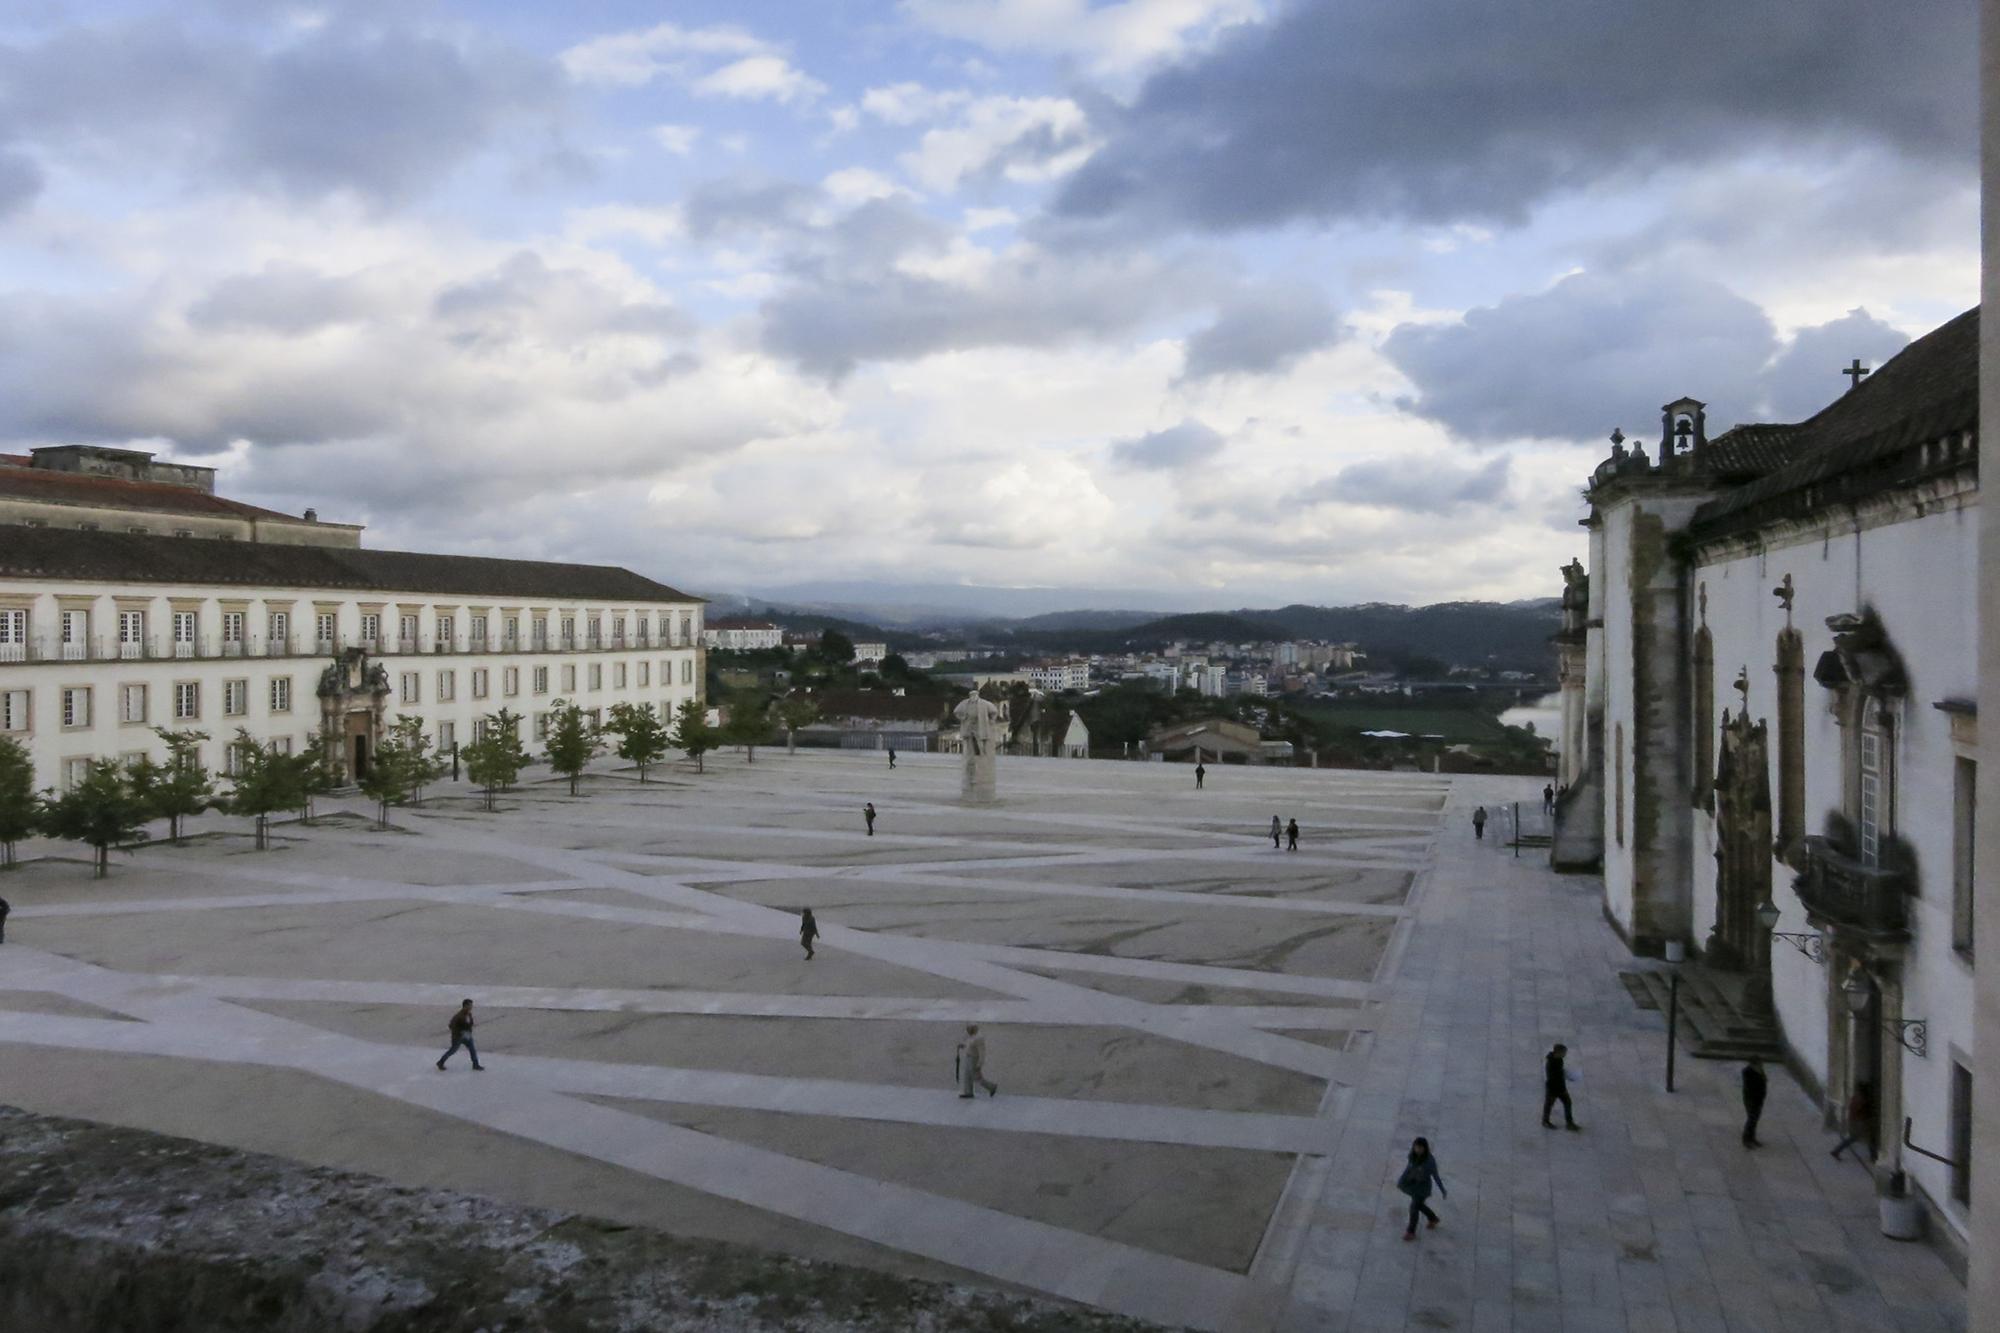 A Universidade de Coimbra é a mais antiga do país e tem mais de 25 mil alunos inscritos.